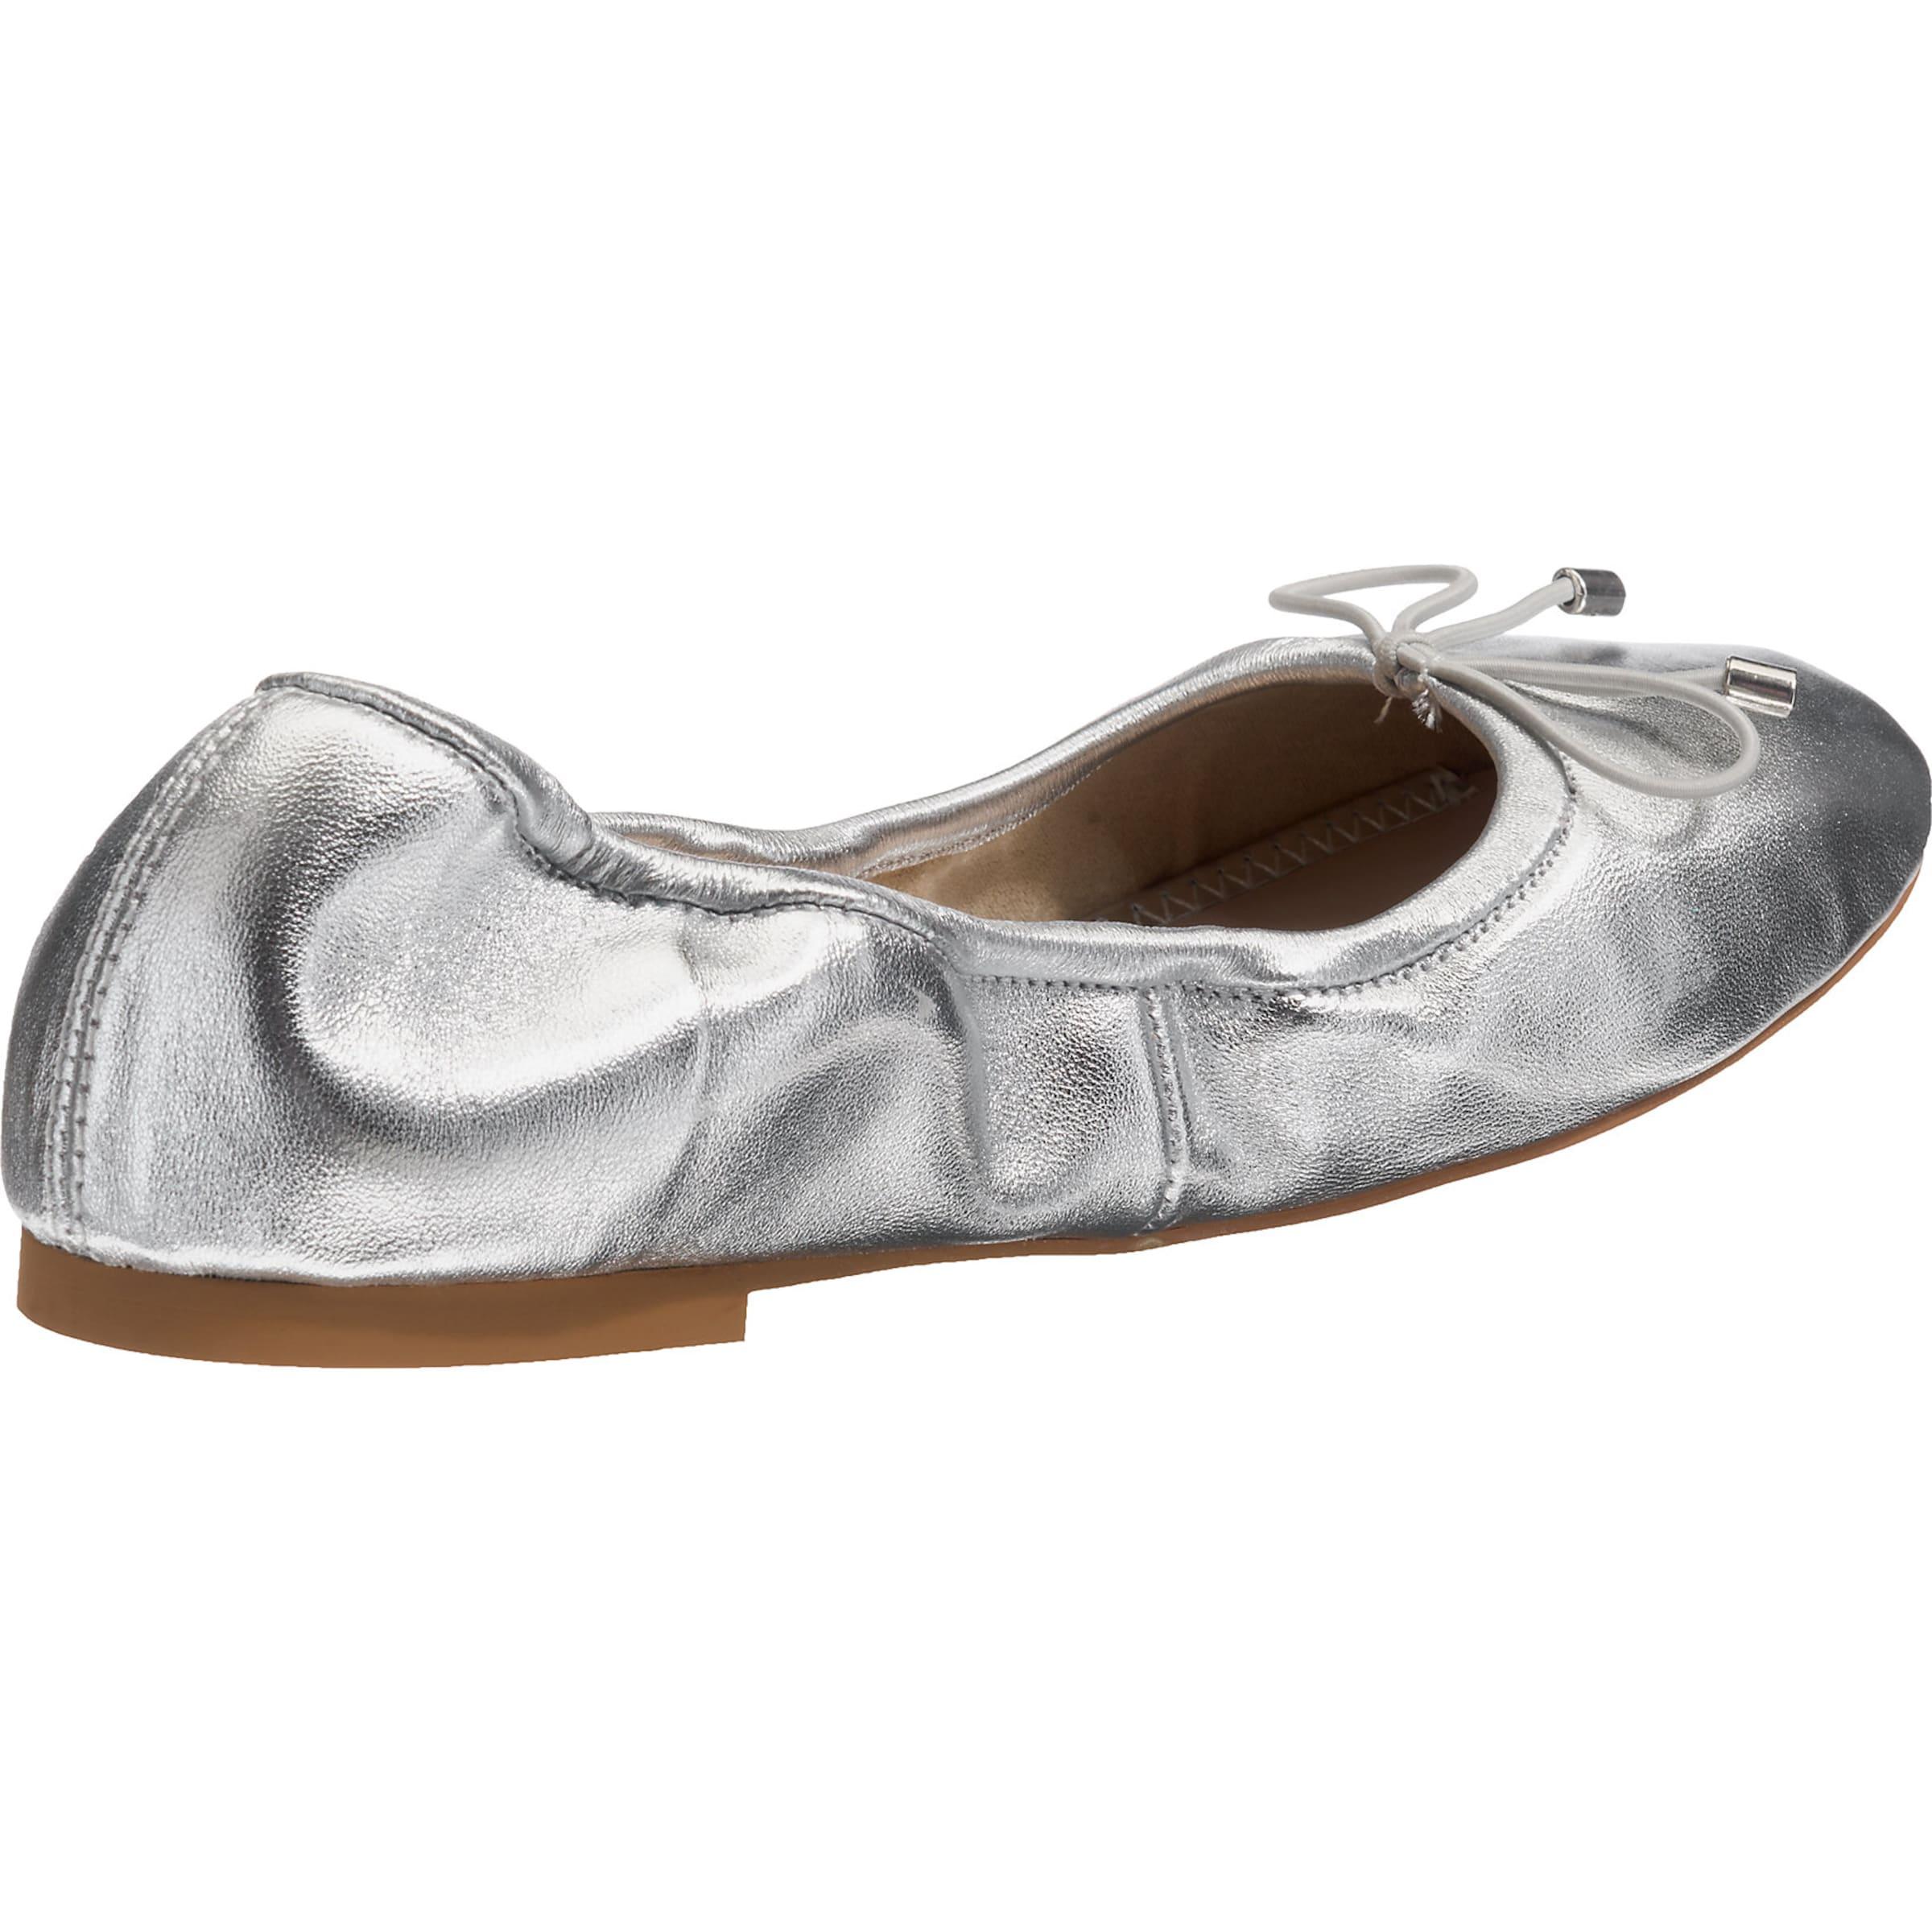 Ballerinas Buffalo Buffalo In Ballerinas Silber In Silber Buffalo Ballerinas In Silber Buffalo sQxtrChd